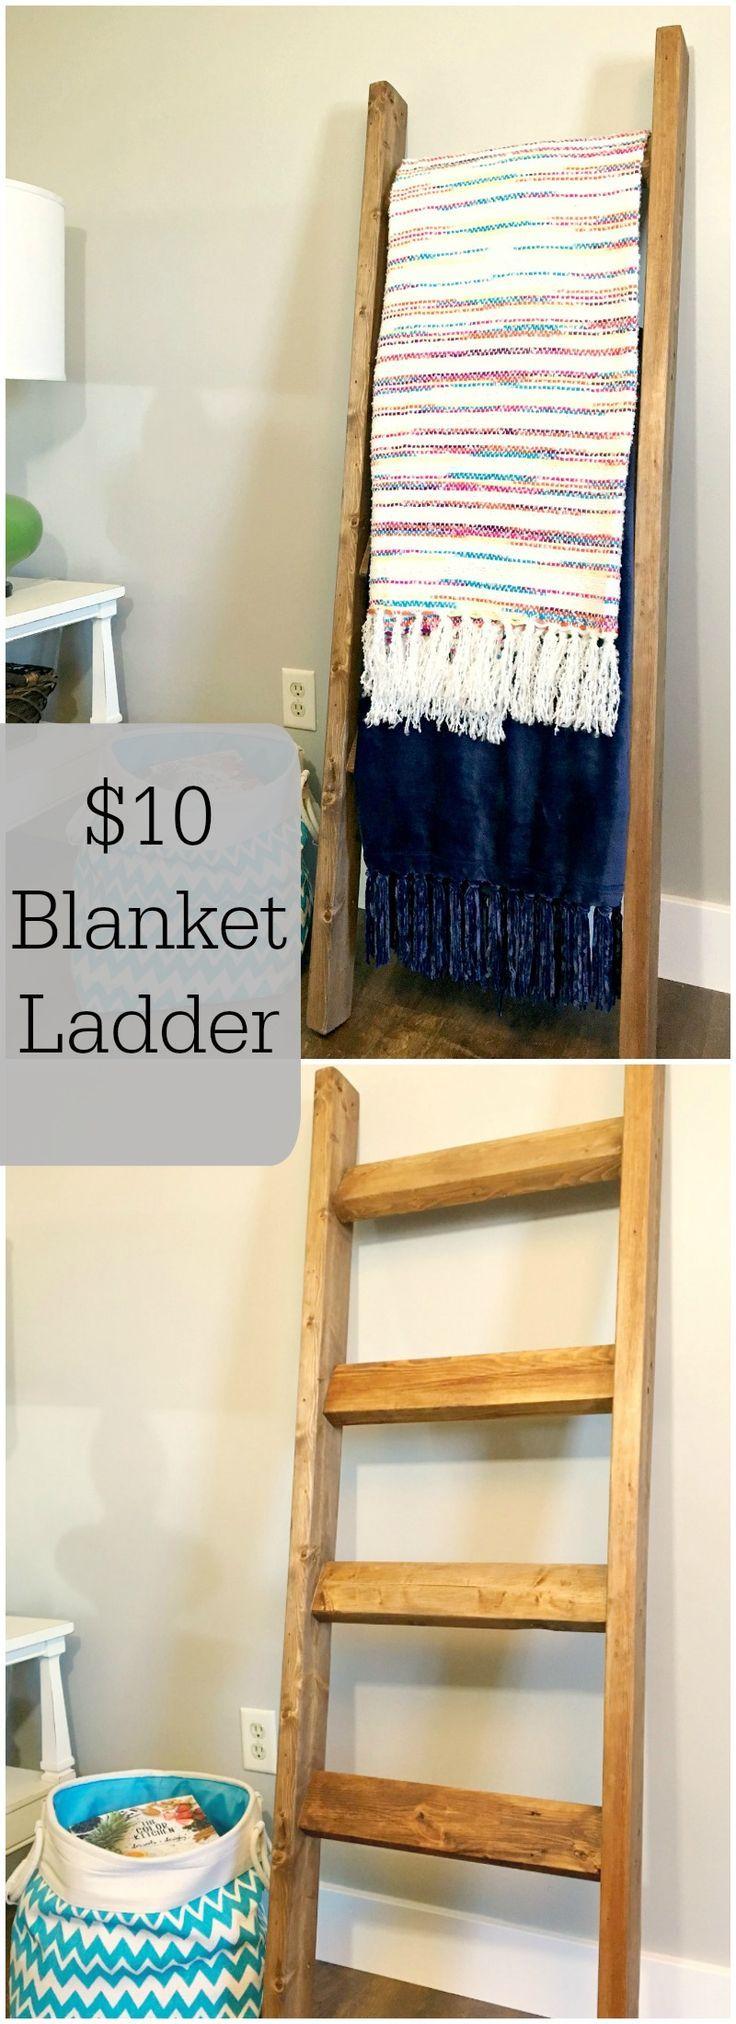 best 25 blanket ladder ideas on pinterest diy blanket. Black Bedroom Furniture Sets. Home Design Ideas